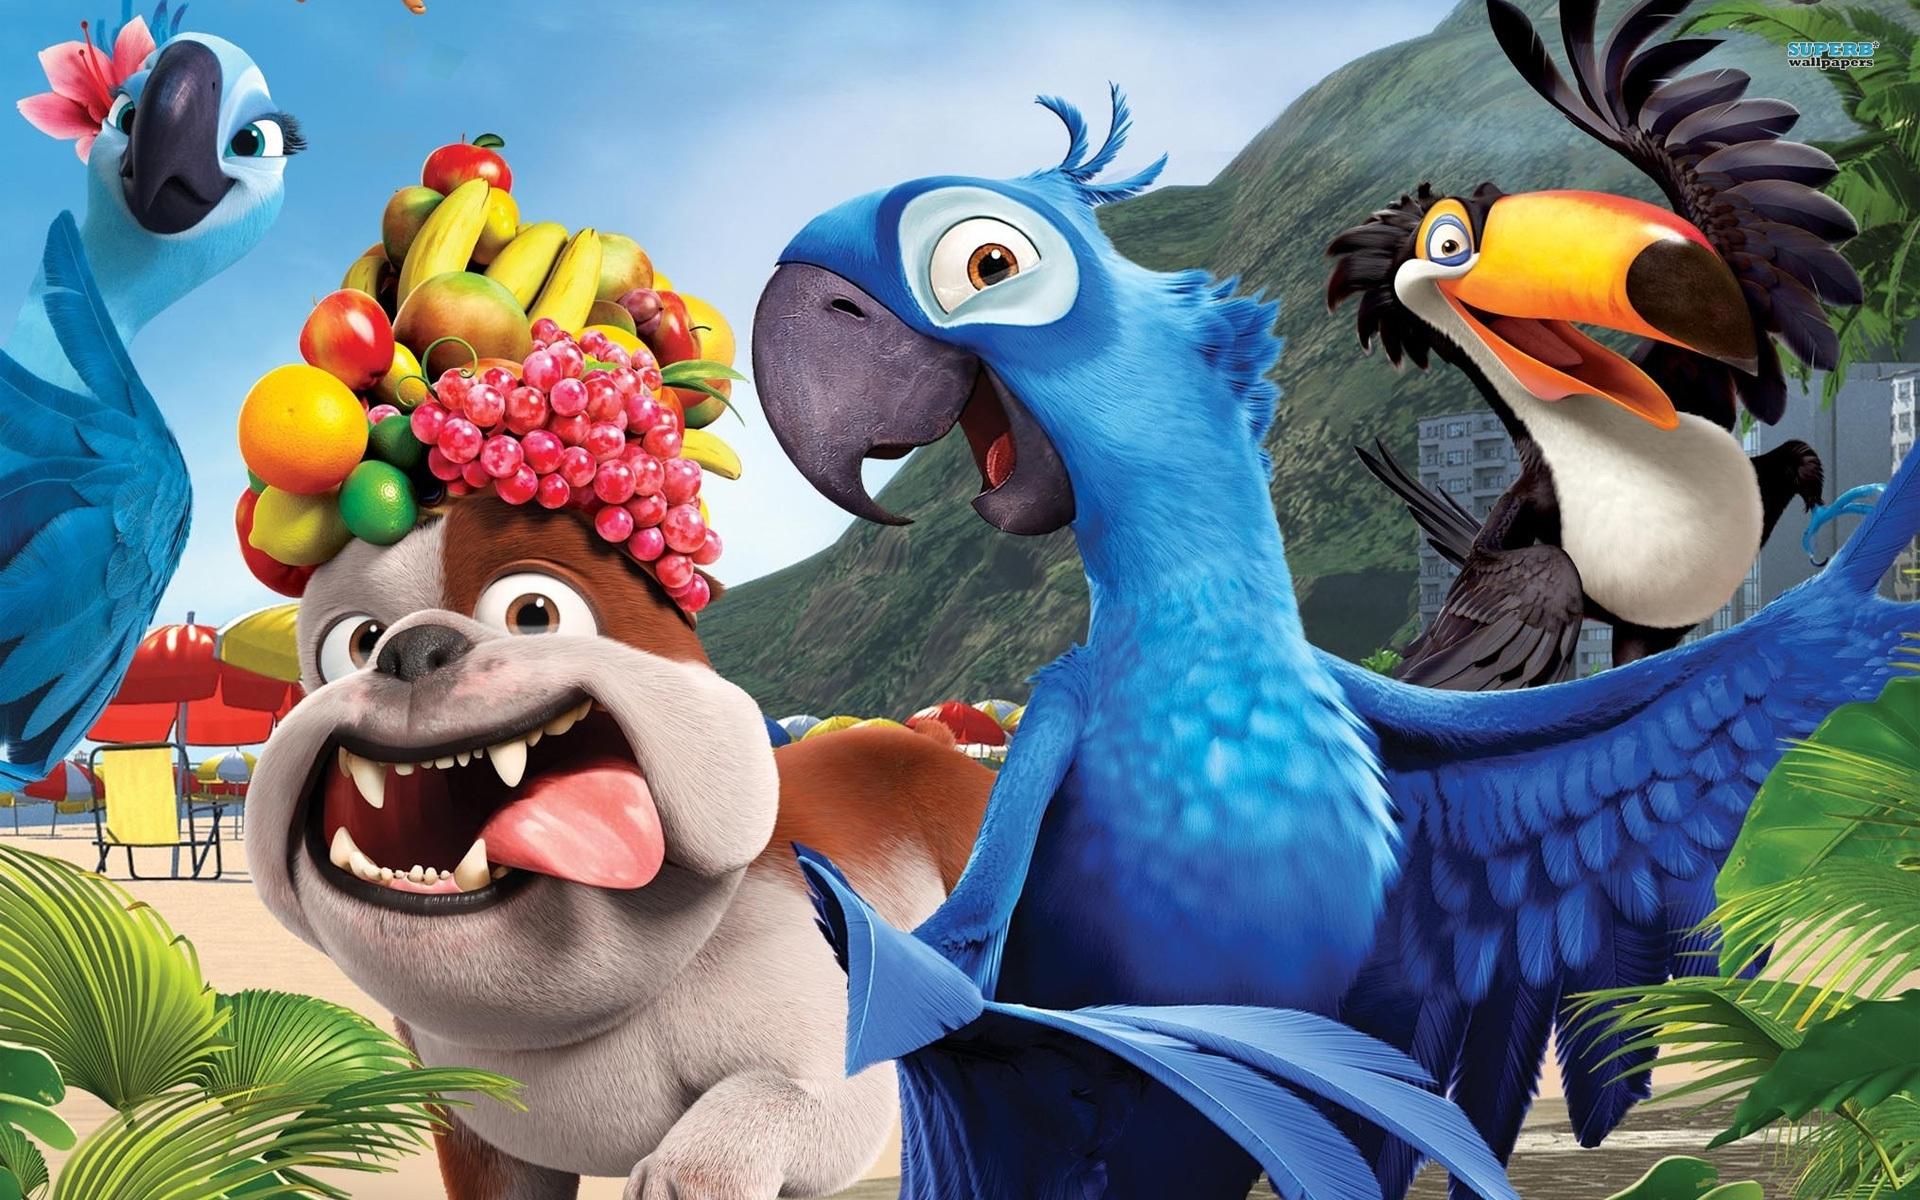 44544 Hintergrundbild herunterladen Bilder, Kino, Tiere, Rio - Bildschirmschoner und Bilder kostenlos